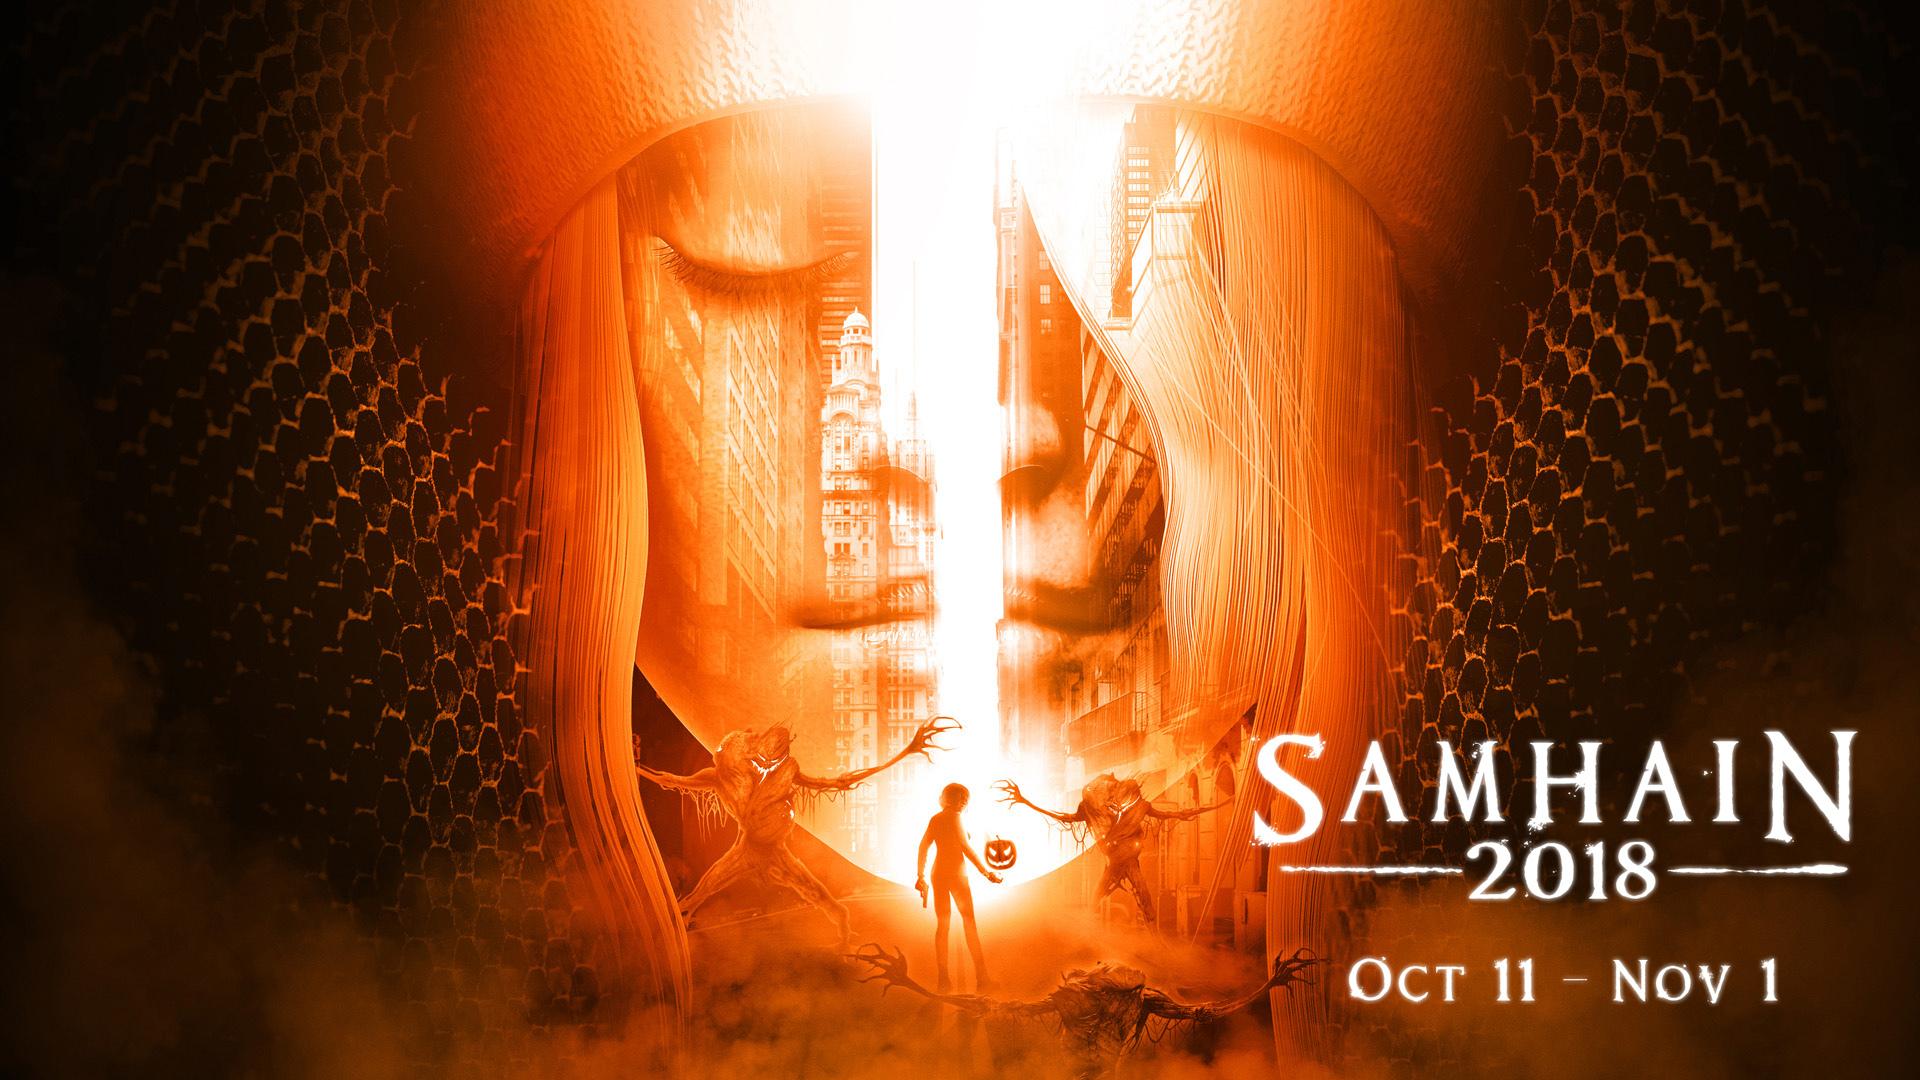 Halloween 1 November.Secret World Legends Samhain 2018 Halloween Event Oct 11